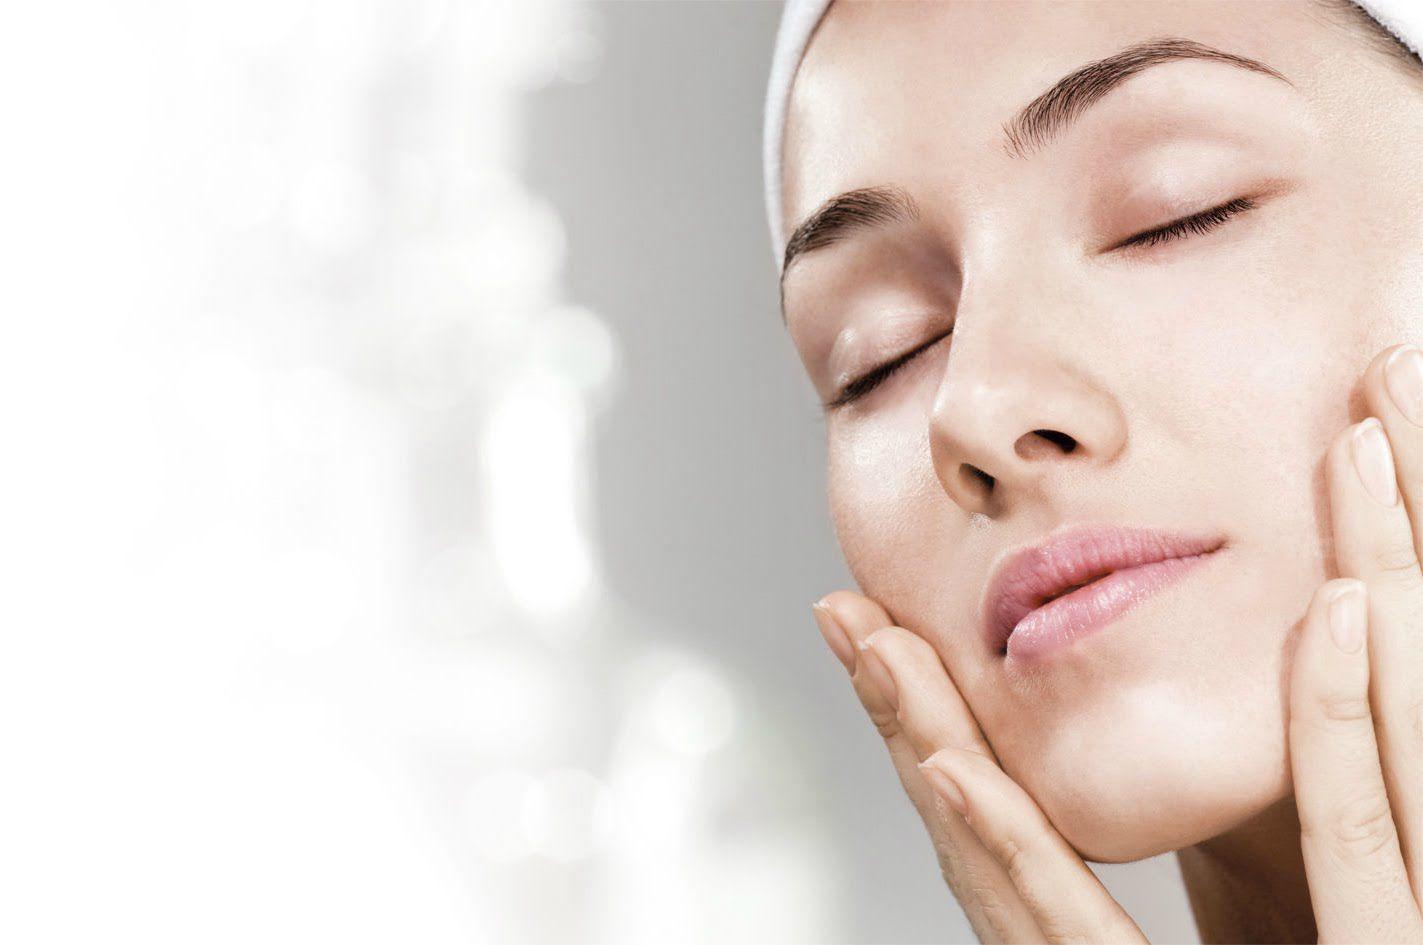 خلطات تبييض أجنبية فعالة لإزالة اسمرار الوجه والرقبة